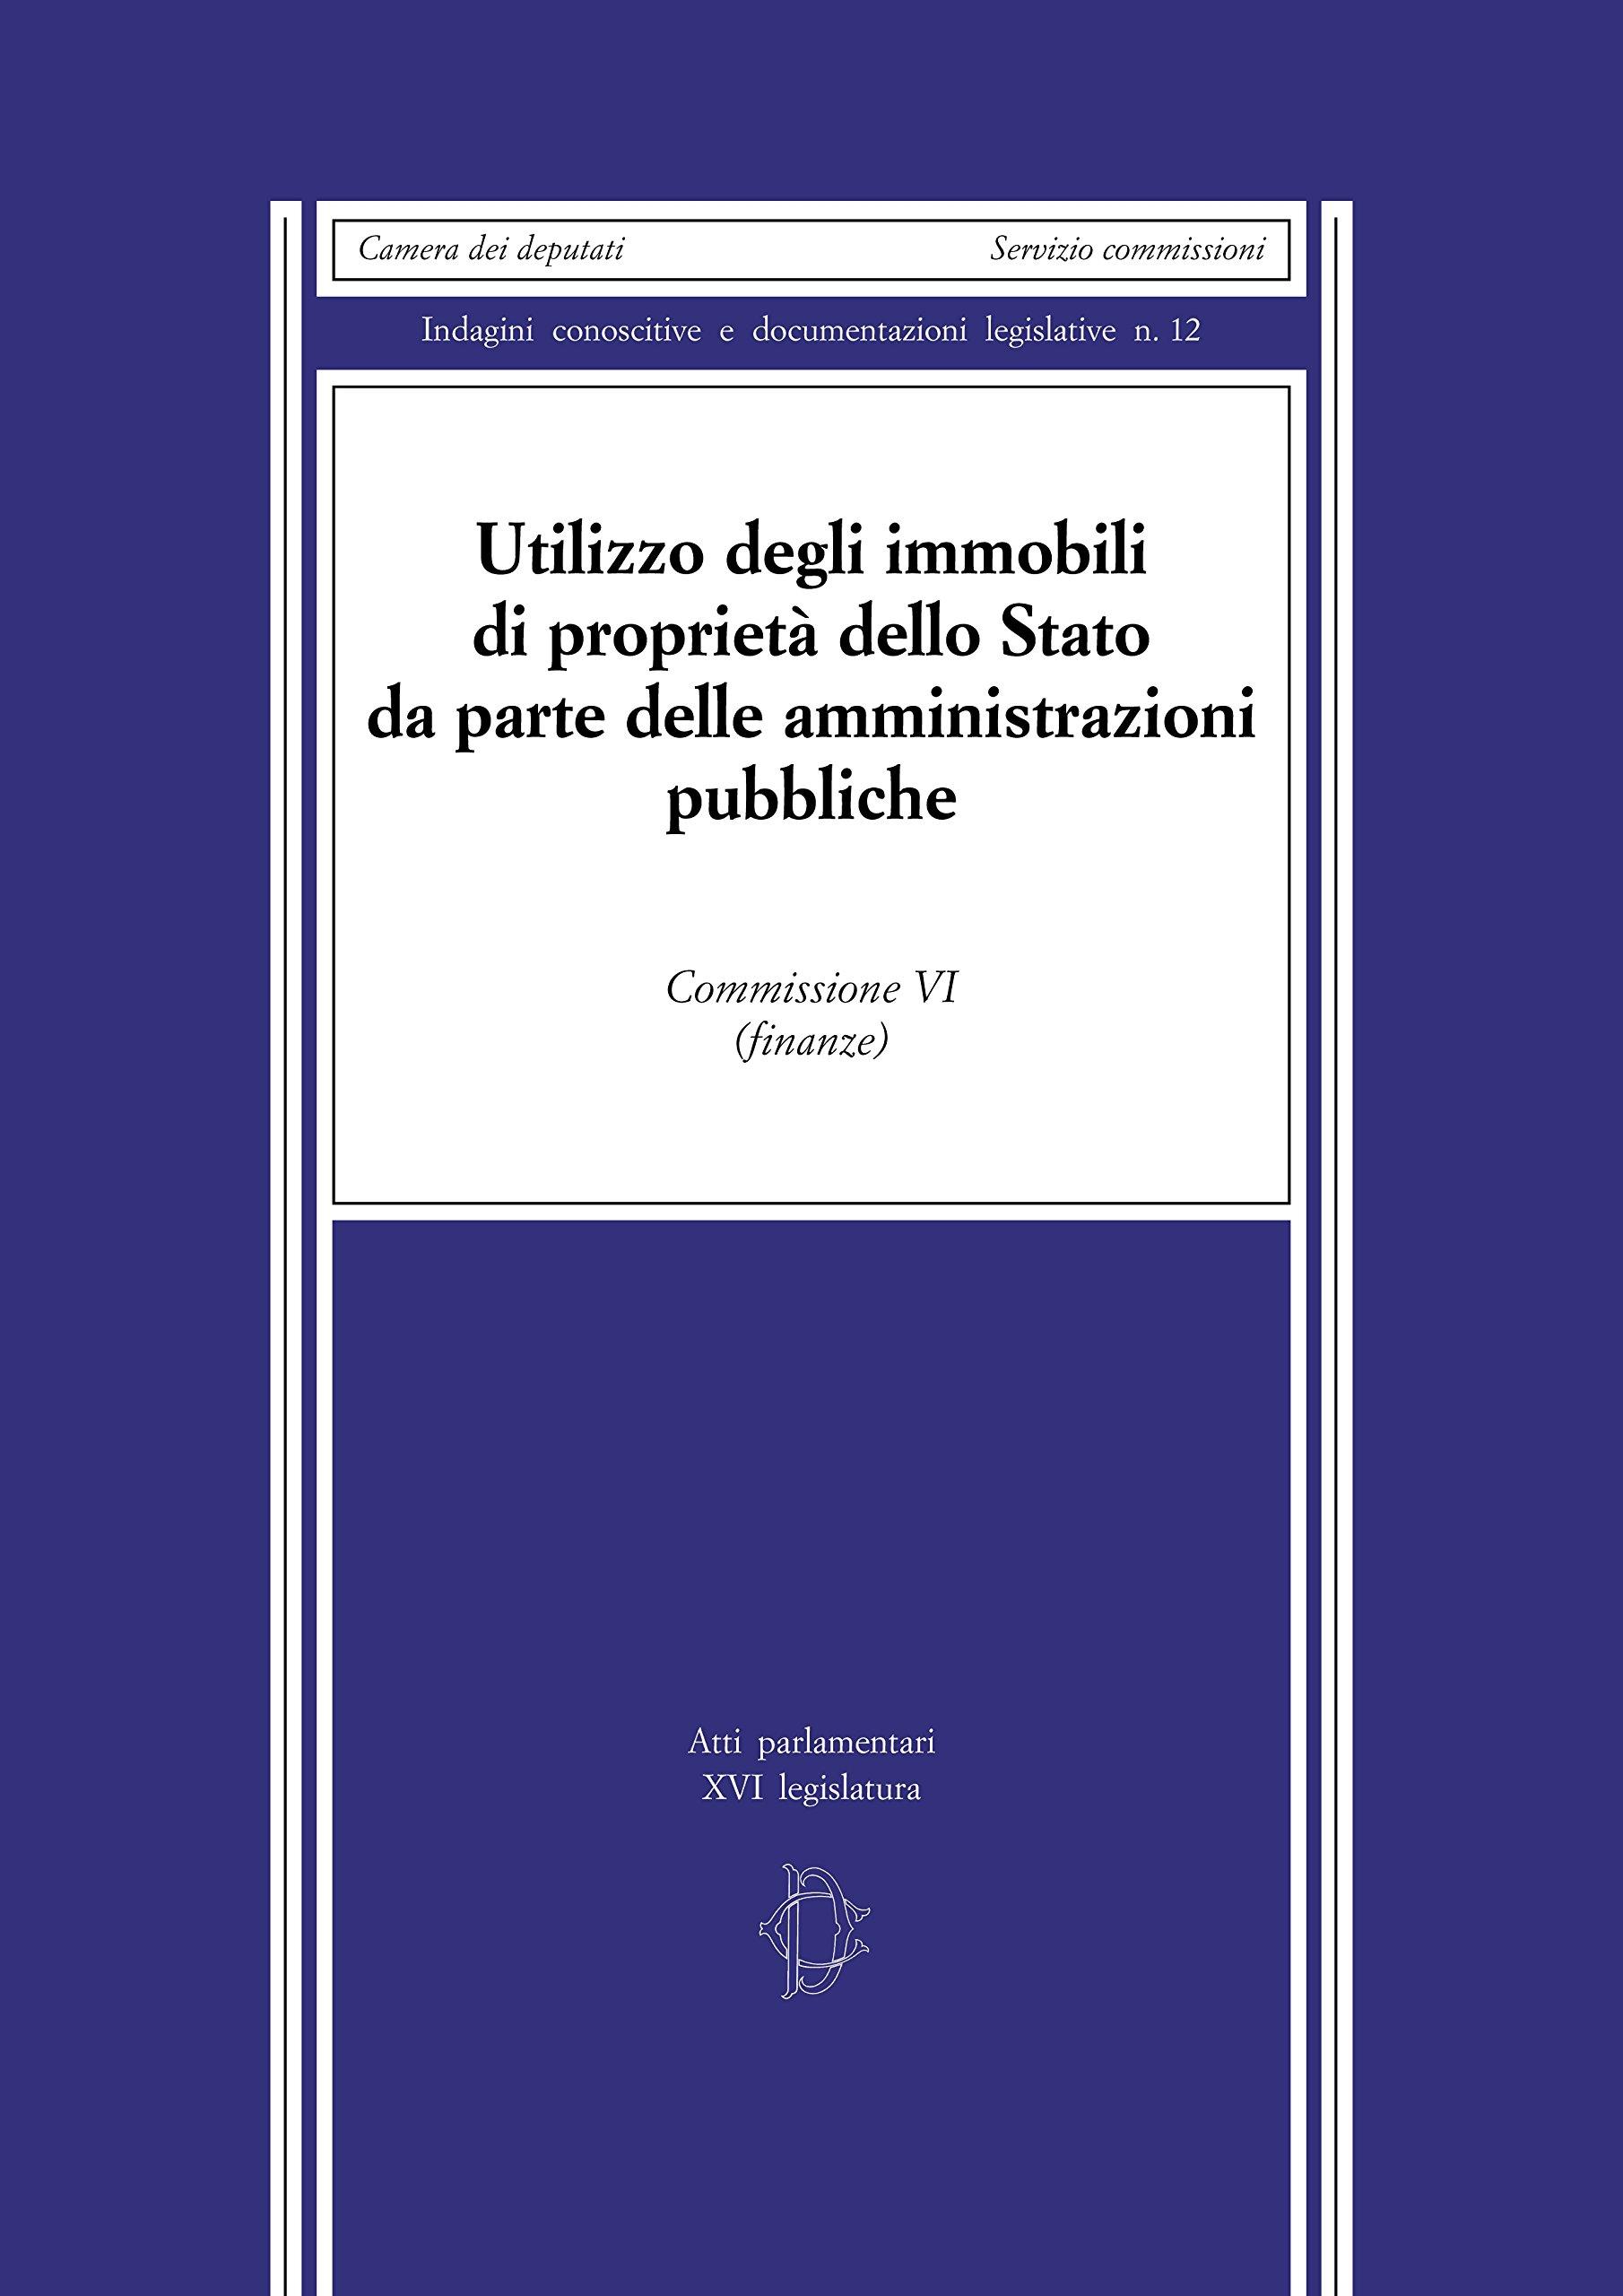 Utilizzo degli immobili di proprietà dello Stato da parte delle amministrazioni pubbliche. Commissione VI (finanze)